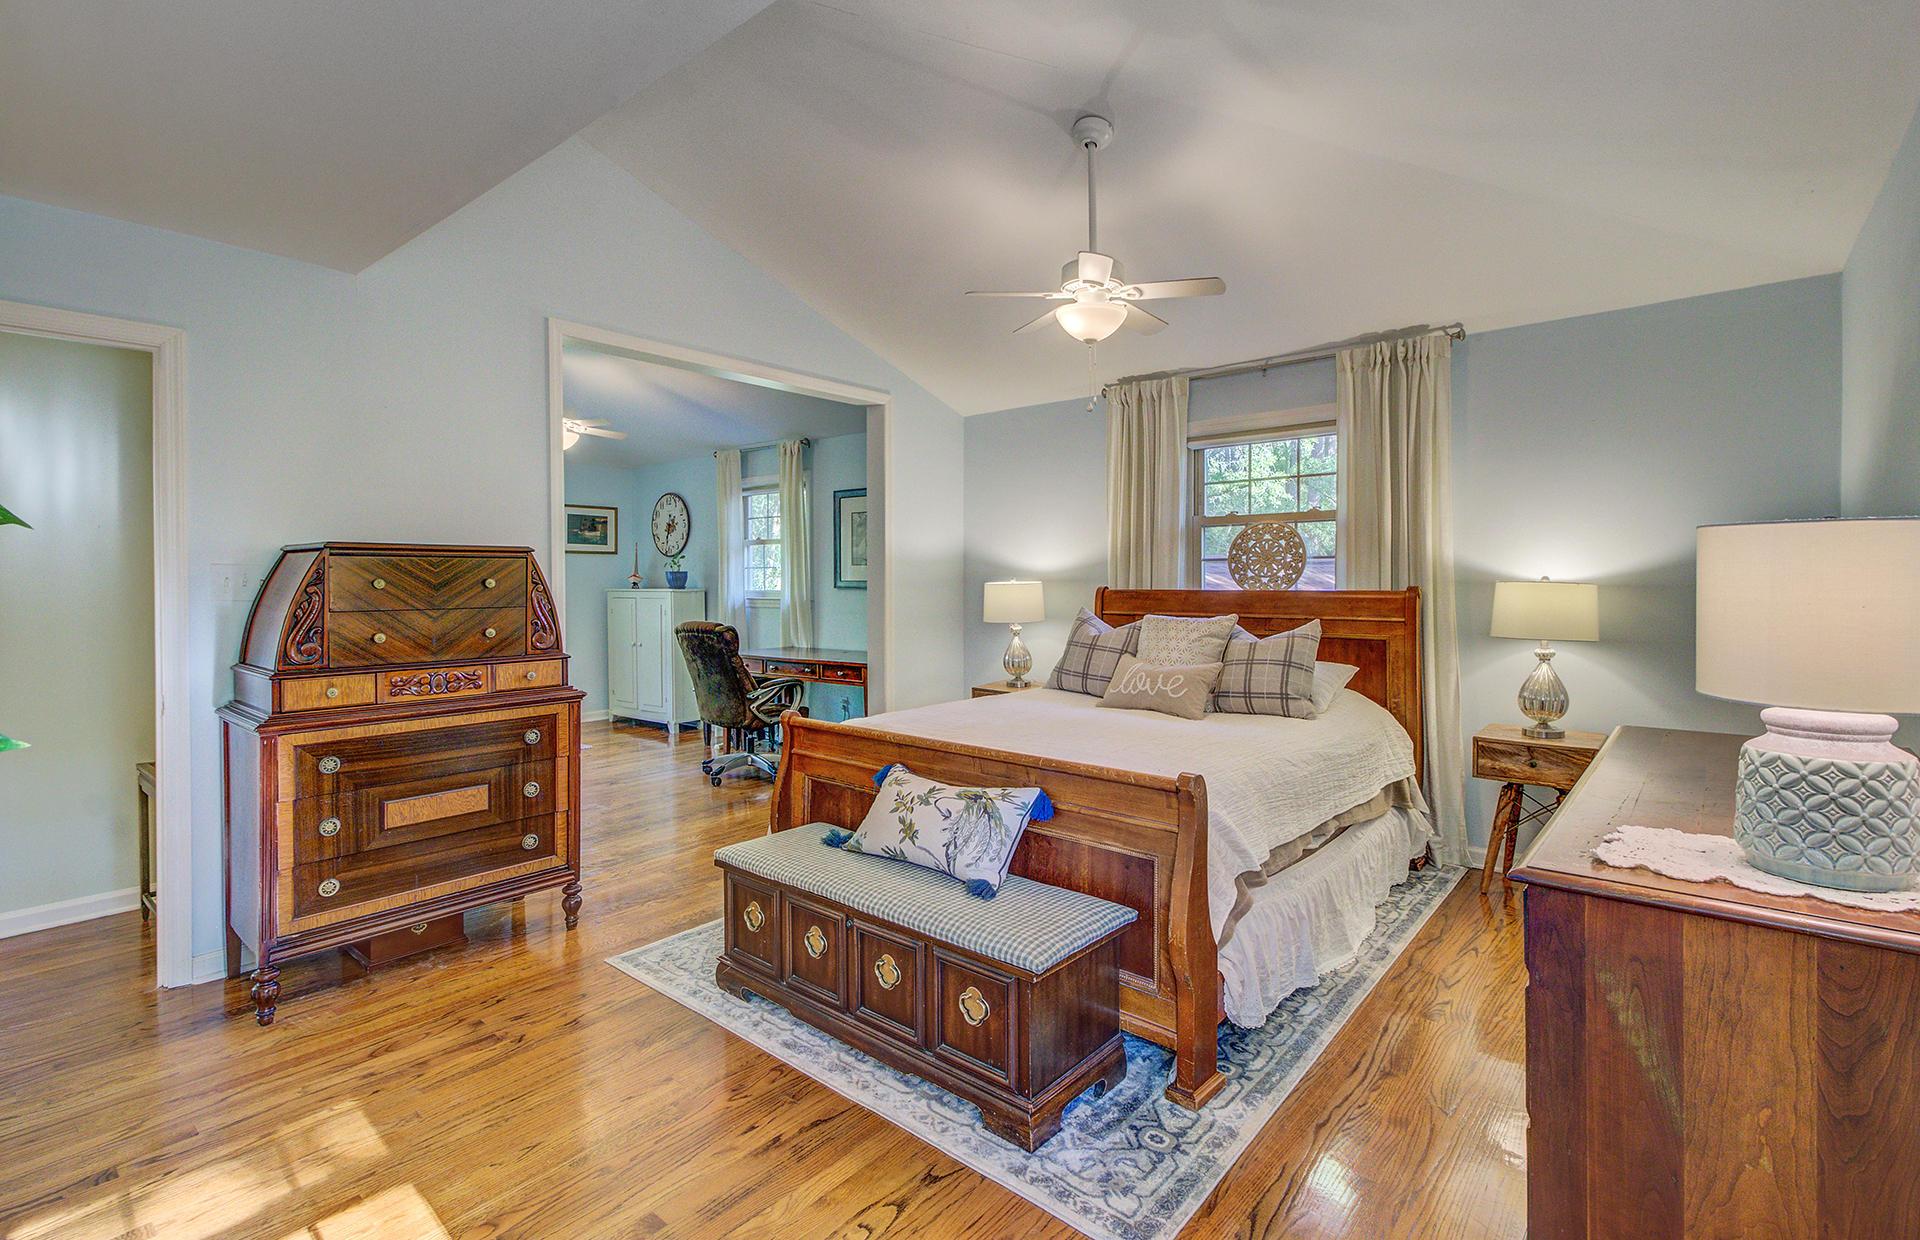 Pine Forest Inn Homes For Sale - 543 Simmons, Summerville, SC - 64